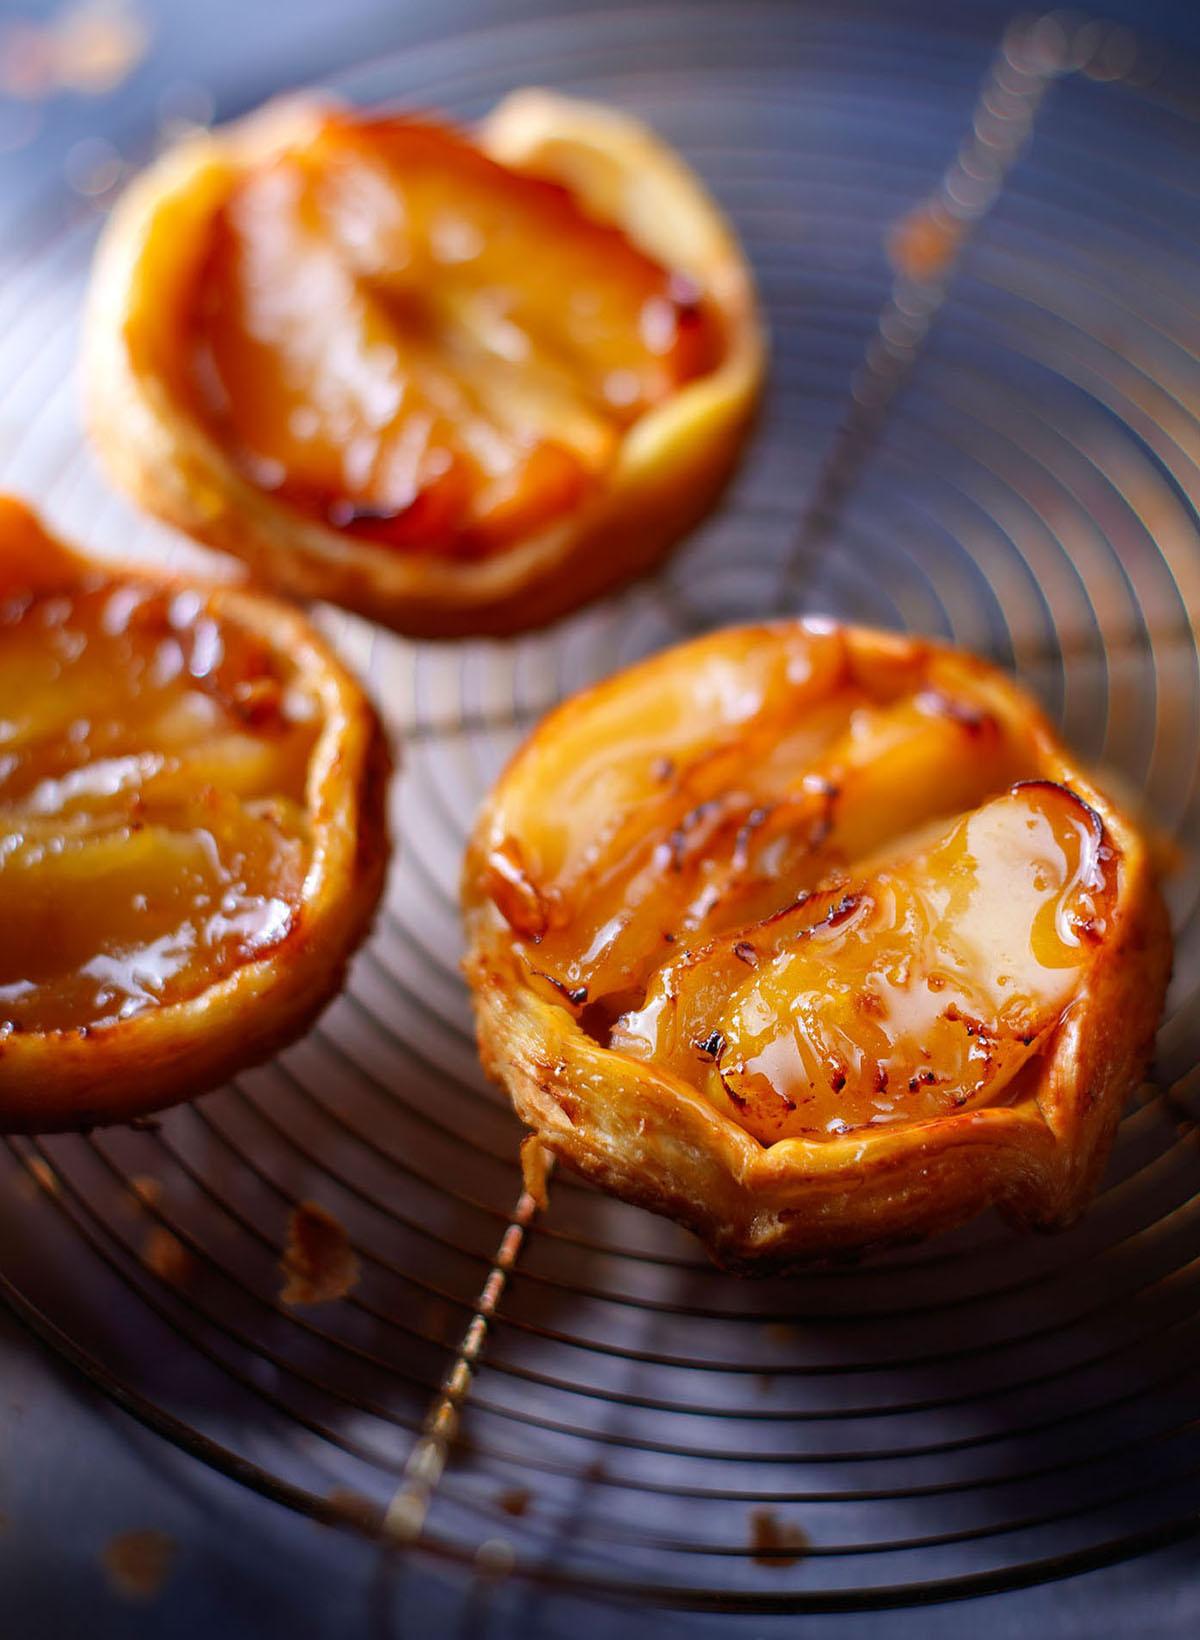 Food fotografie van drie kleine appeltaartjes gemaakt door Studio_m Fotografie Amsterdam